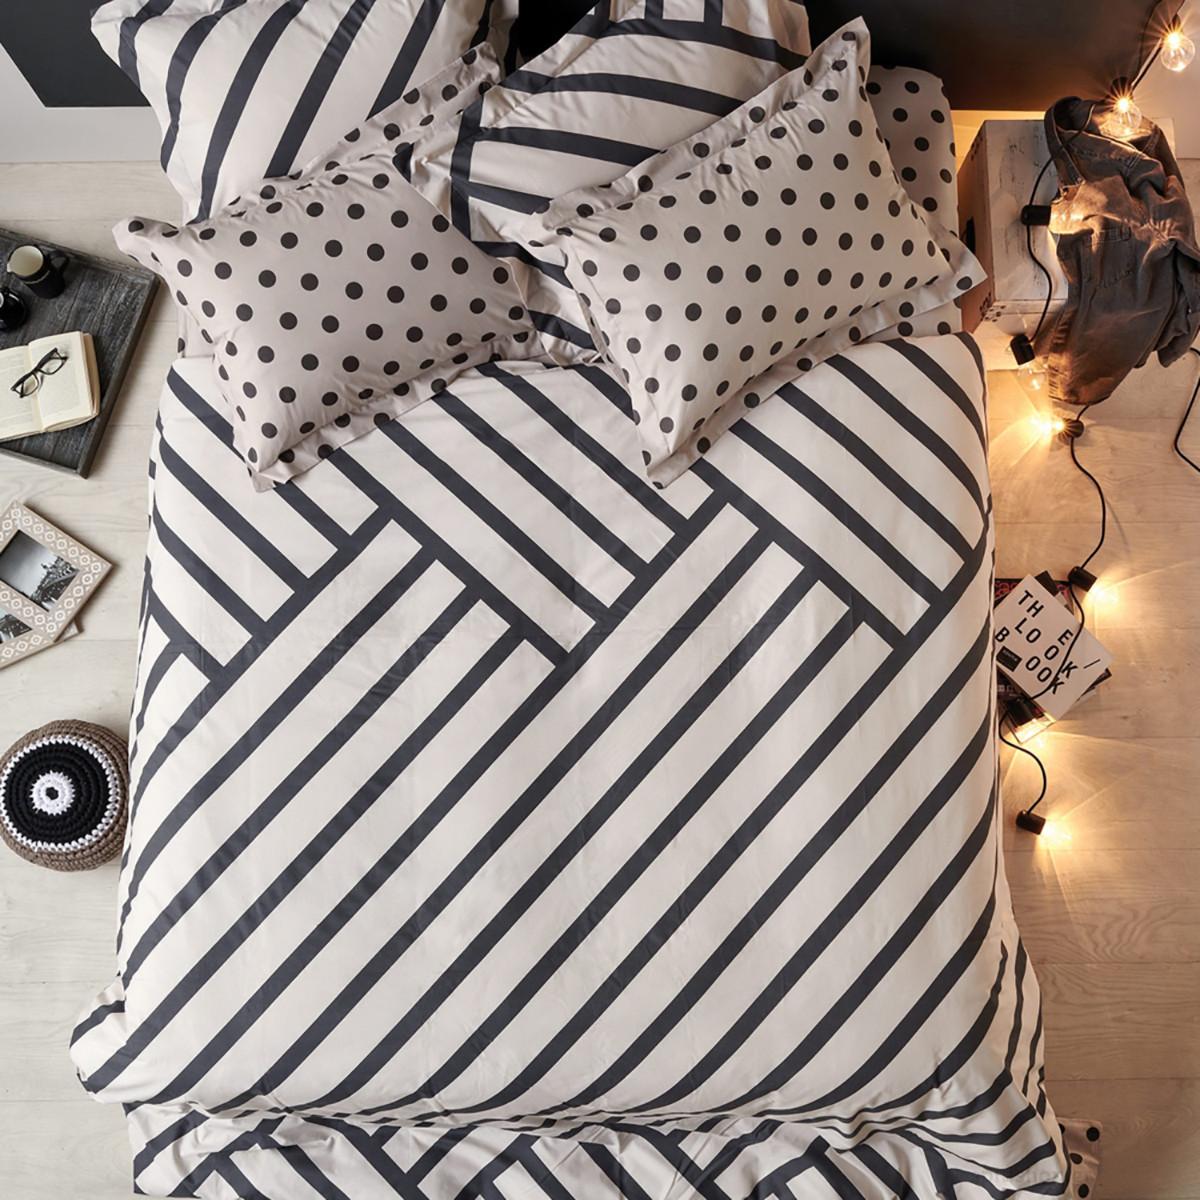 Κουβερλί Μονό Kentia Versus Andy 15 home   κρεβατοκάμαρα   κουβερλί   κουβερλί μονά